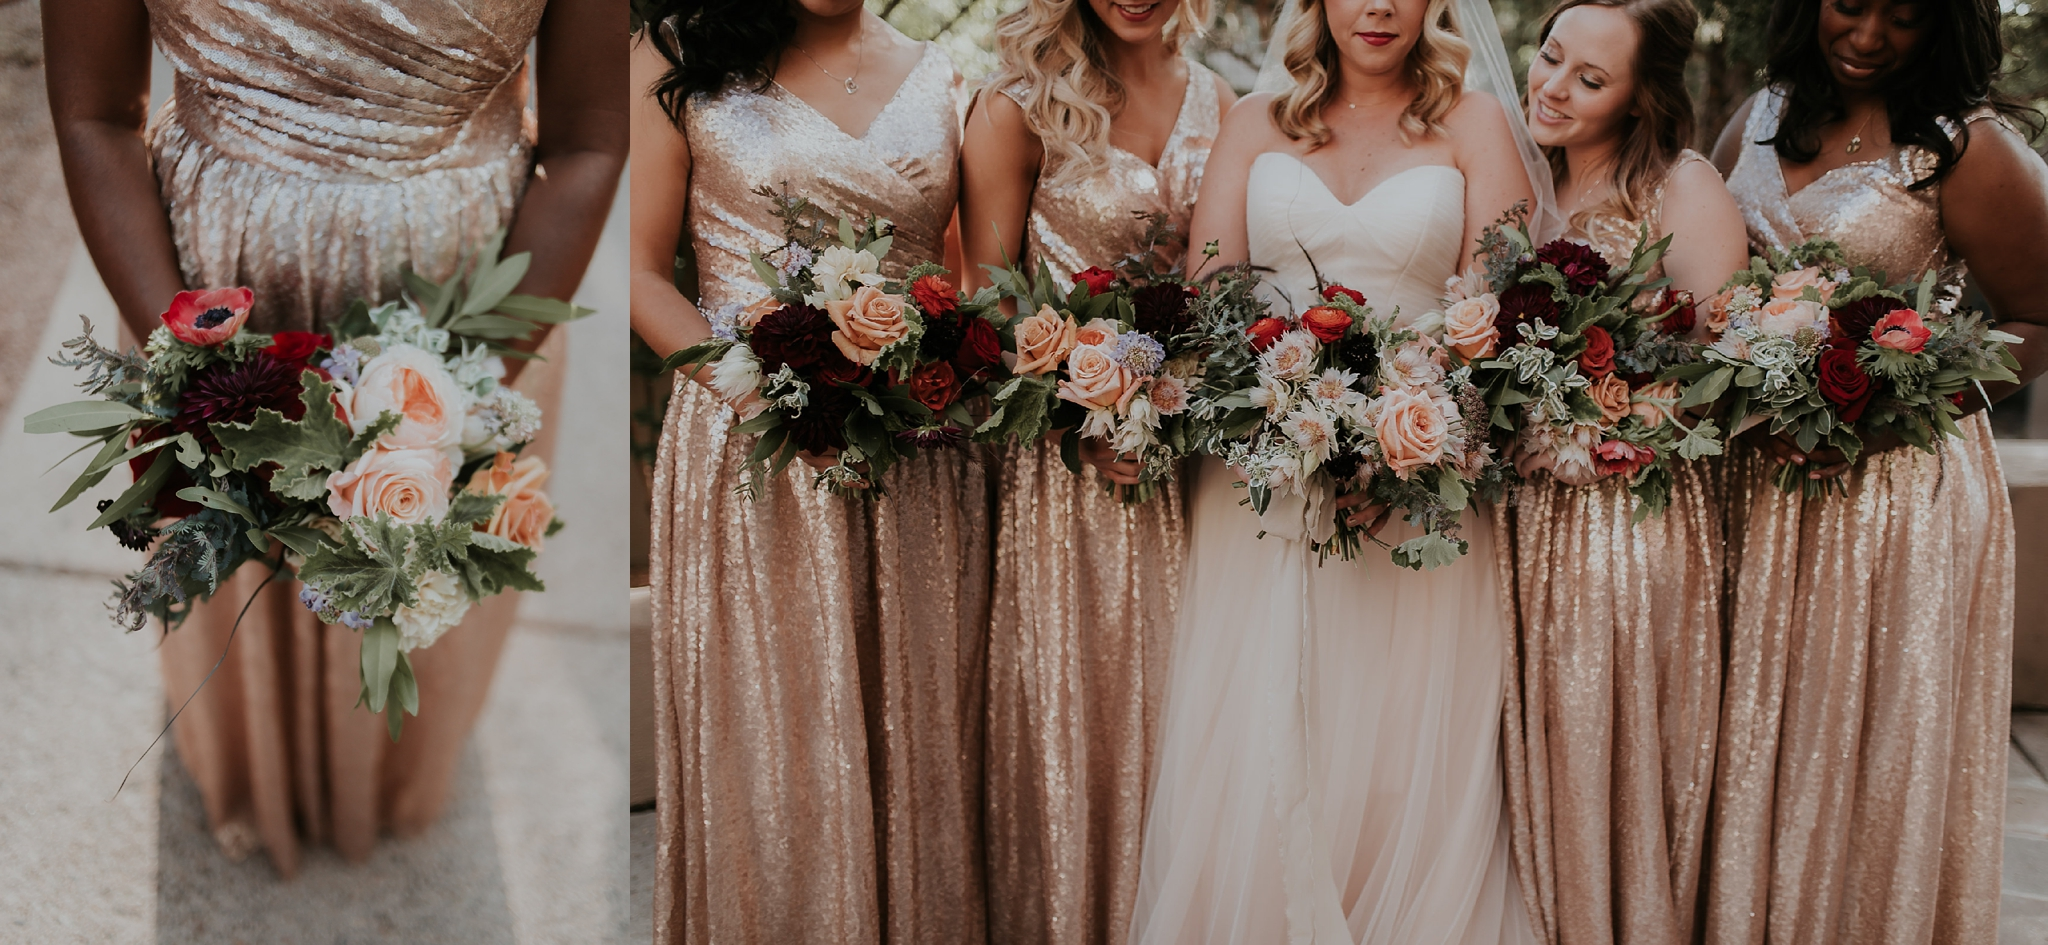 Alicia+lucia+photography+-+albuquerque+wedding+photographer+-+santa+fe+wedding+photography+-+new+mexico+wedding+photographer+-+new+mexico+florist+-+wedding+florist+-+renegade+floral_0087.jpg